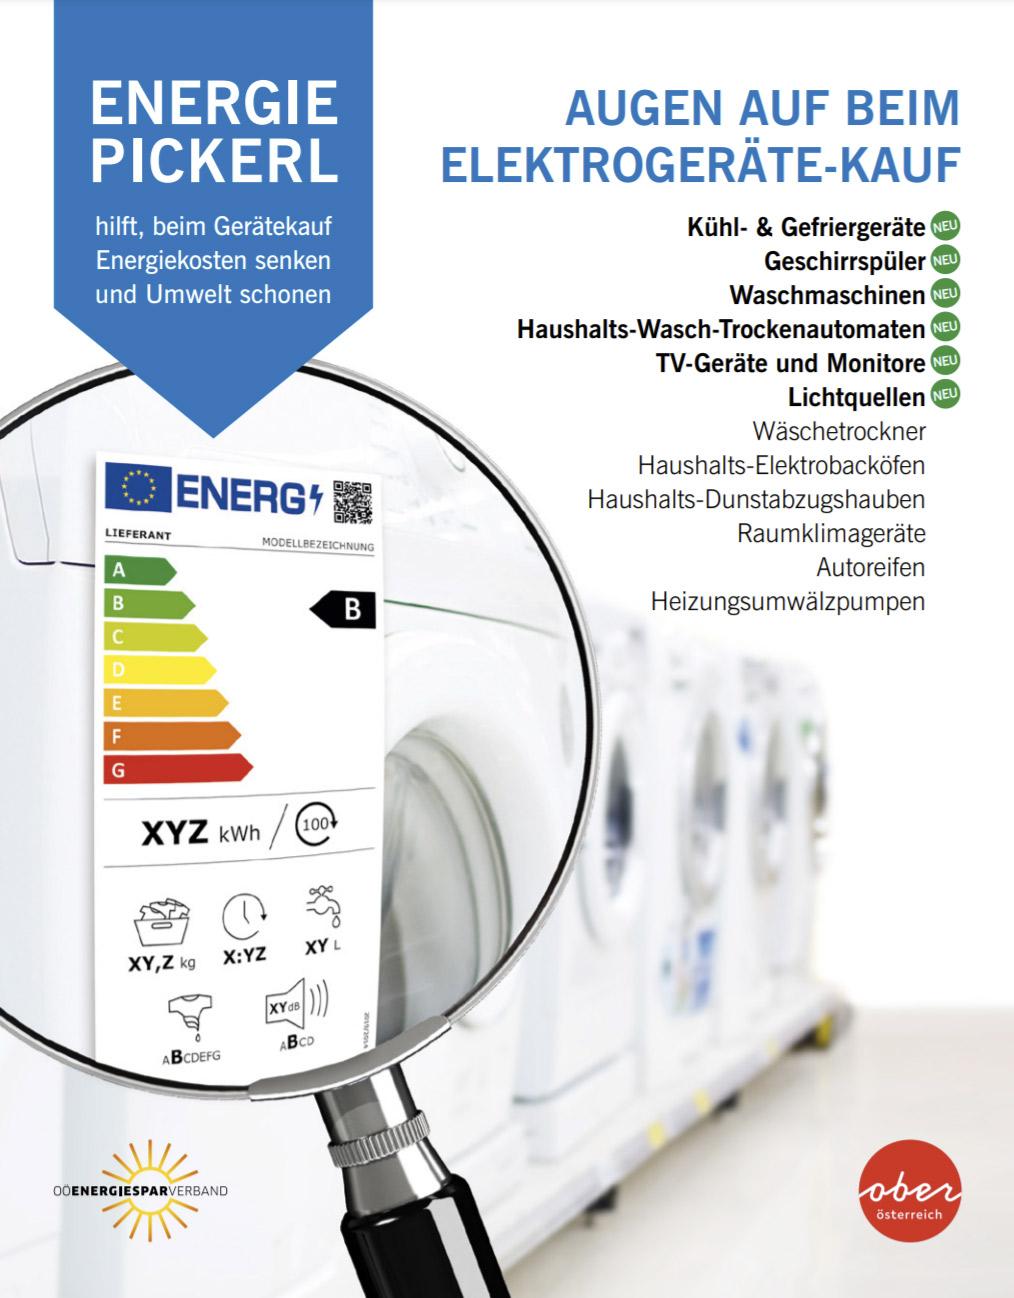 Energie-Pickerl - Augen auf beim Gerätekauf